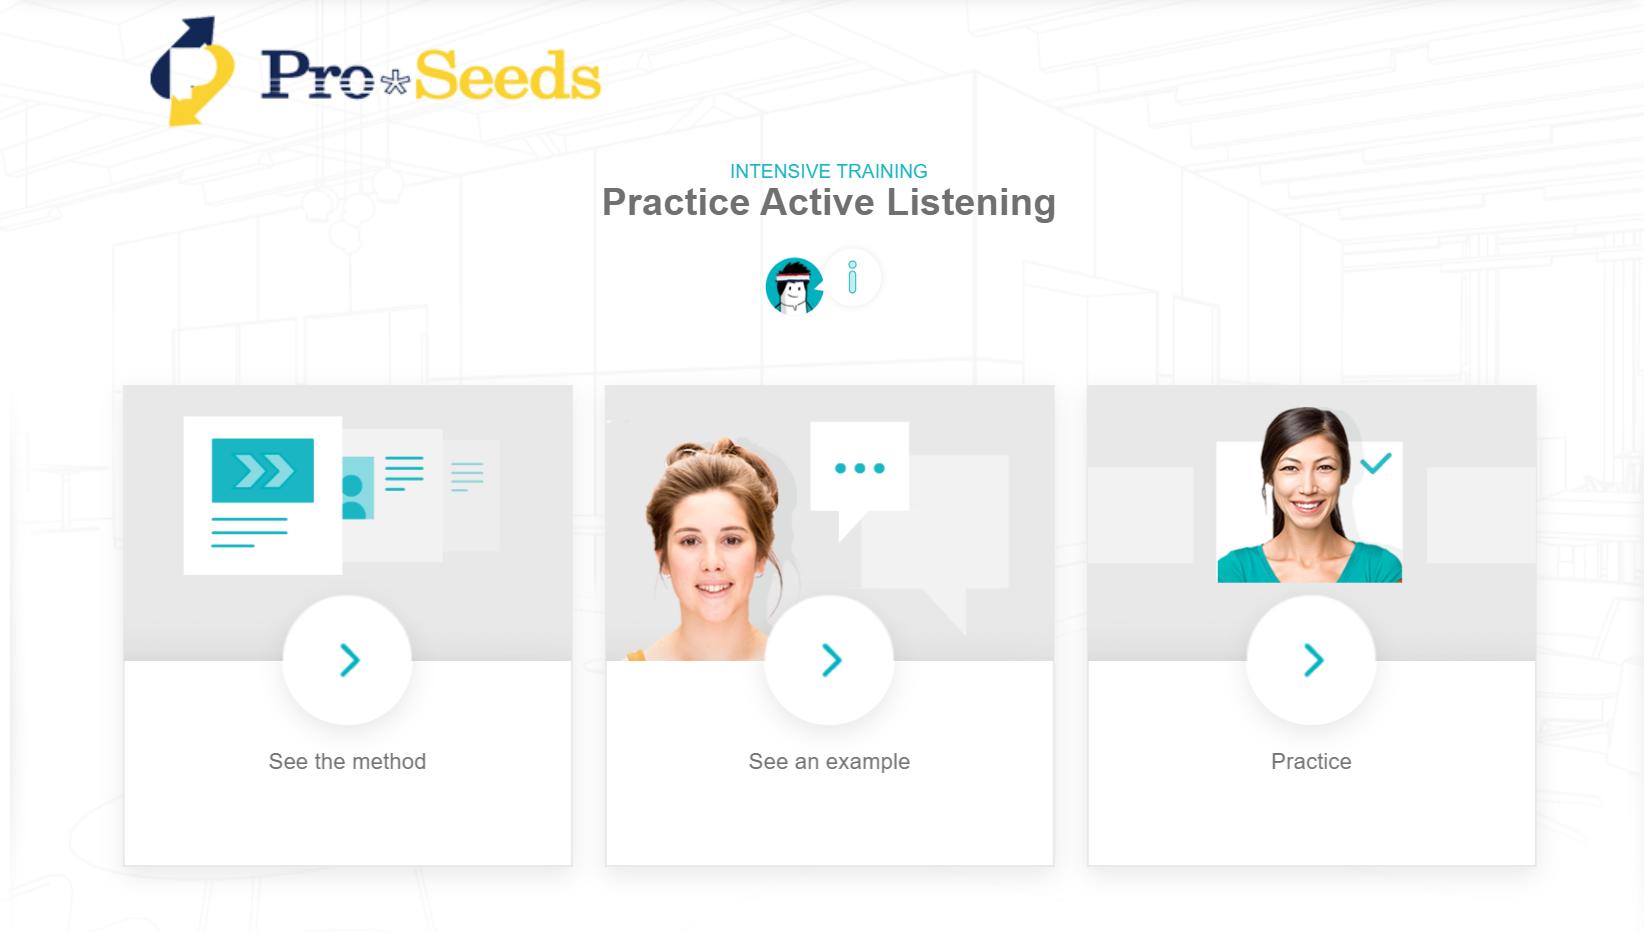 Học cách luyện nghe tích cực